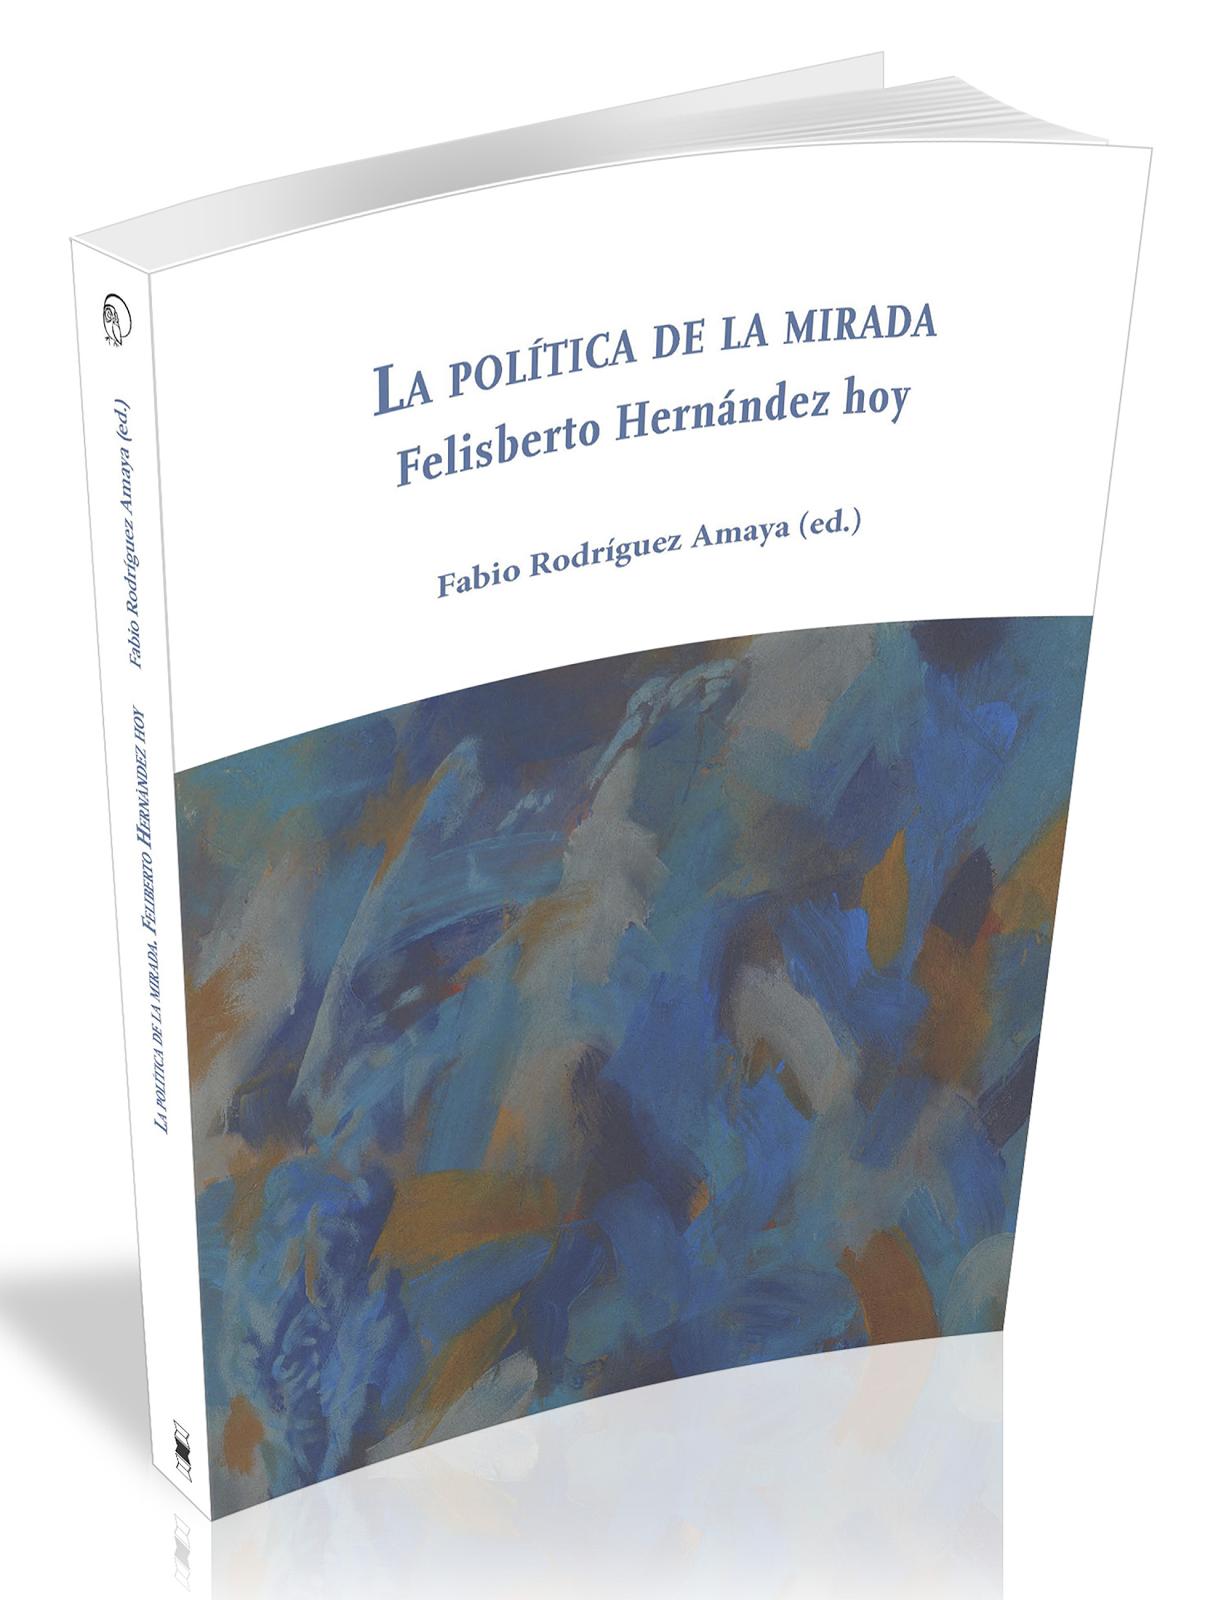 La política de la mirada. Felisberto Hernández hoy